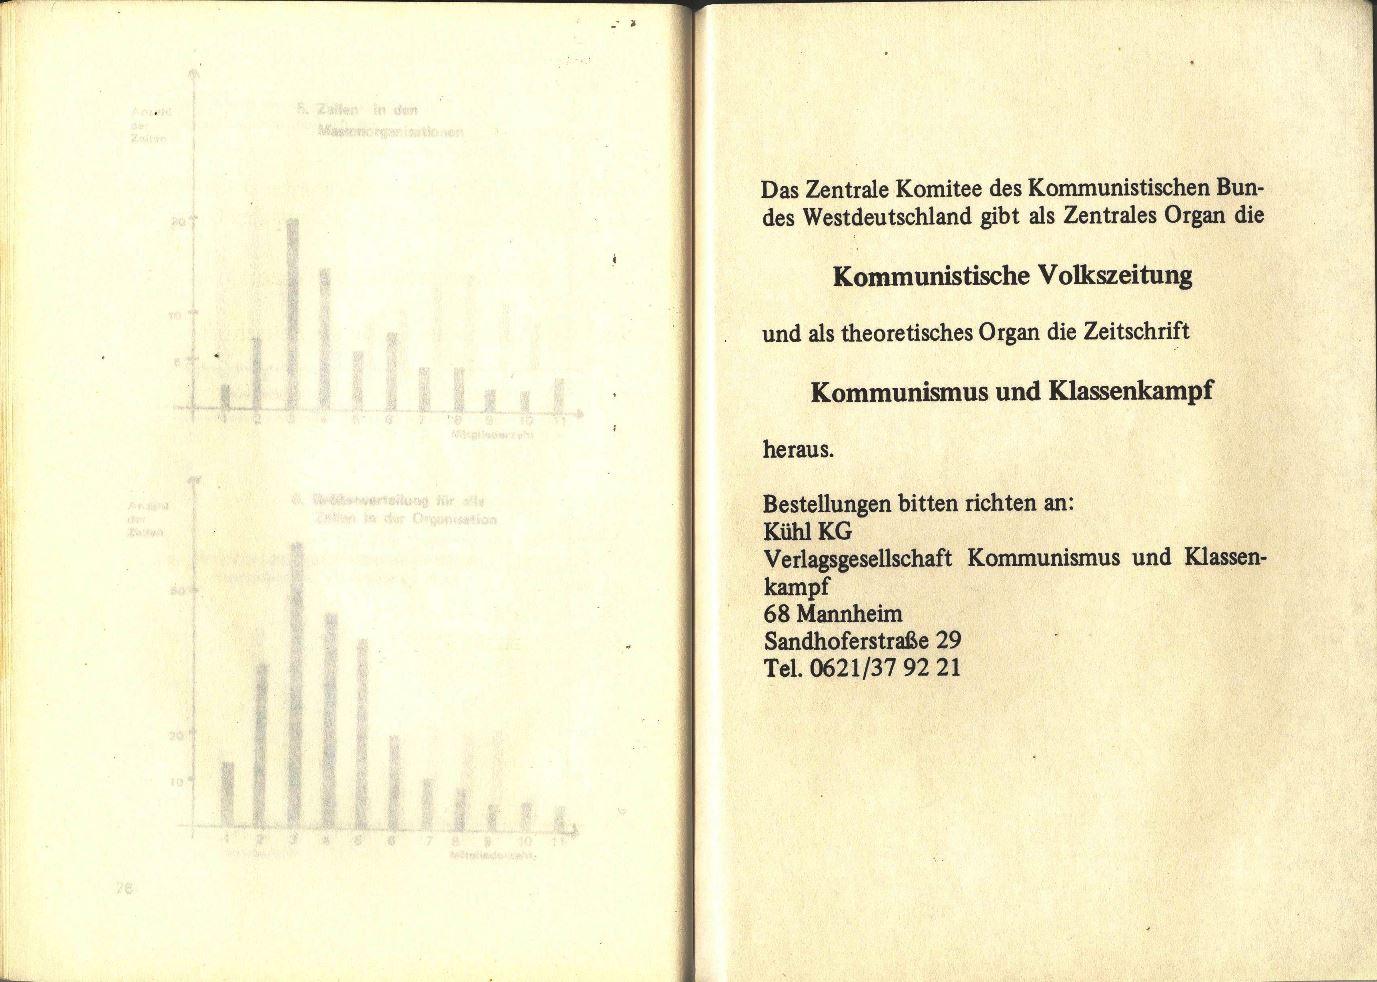 KBW_1974_Politischer_Bericht041